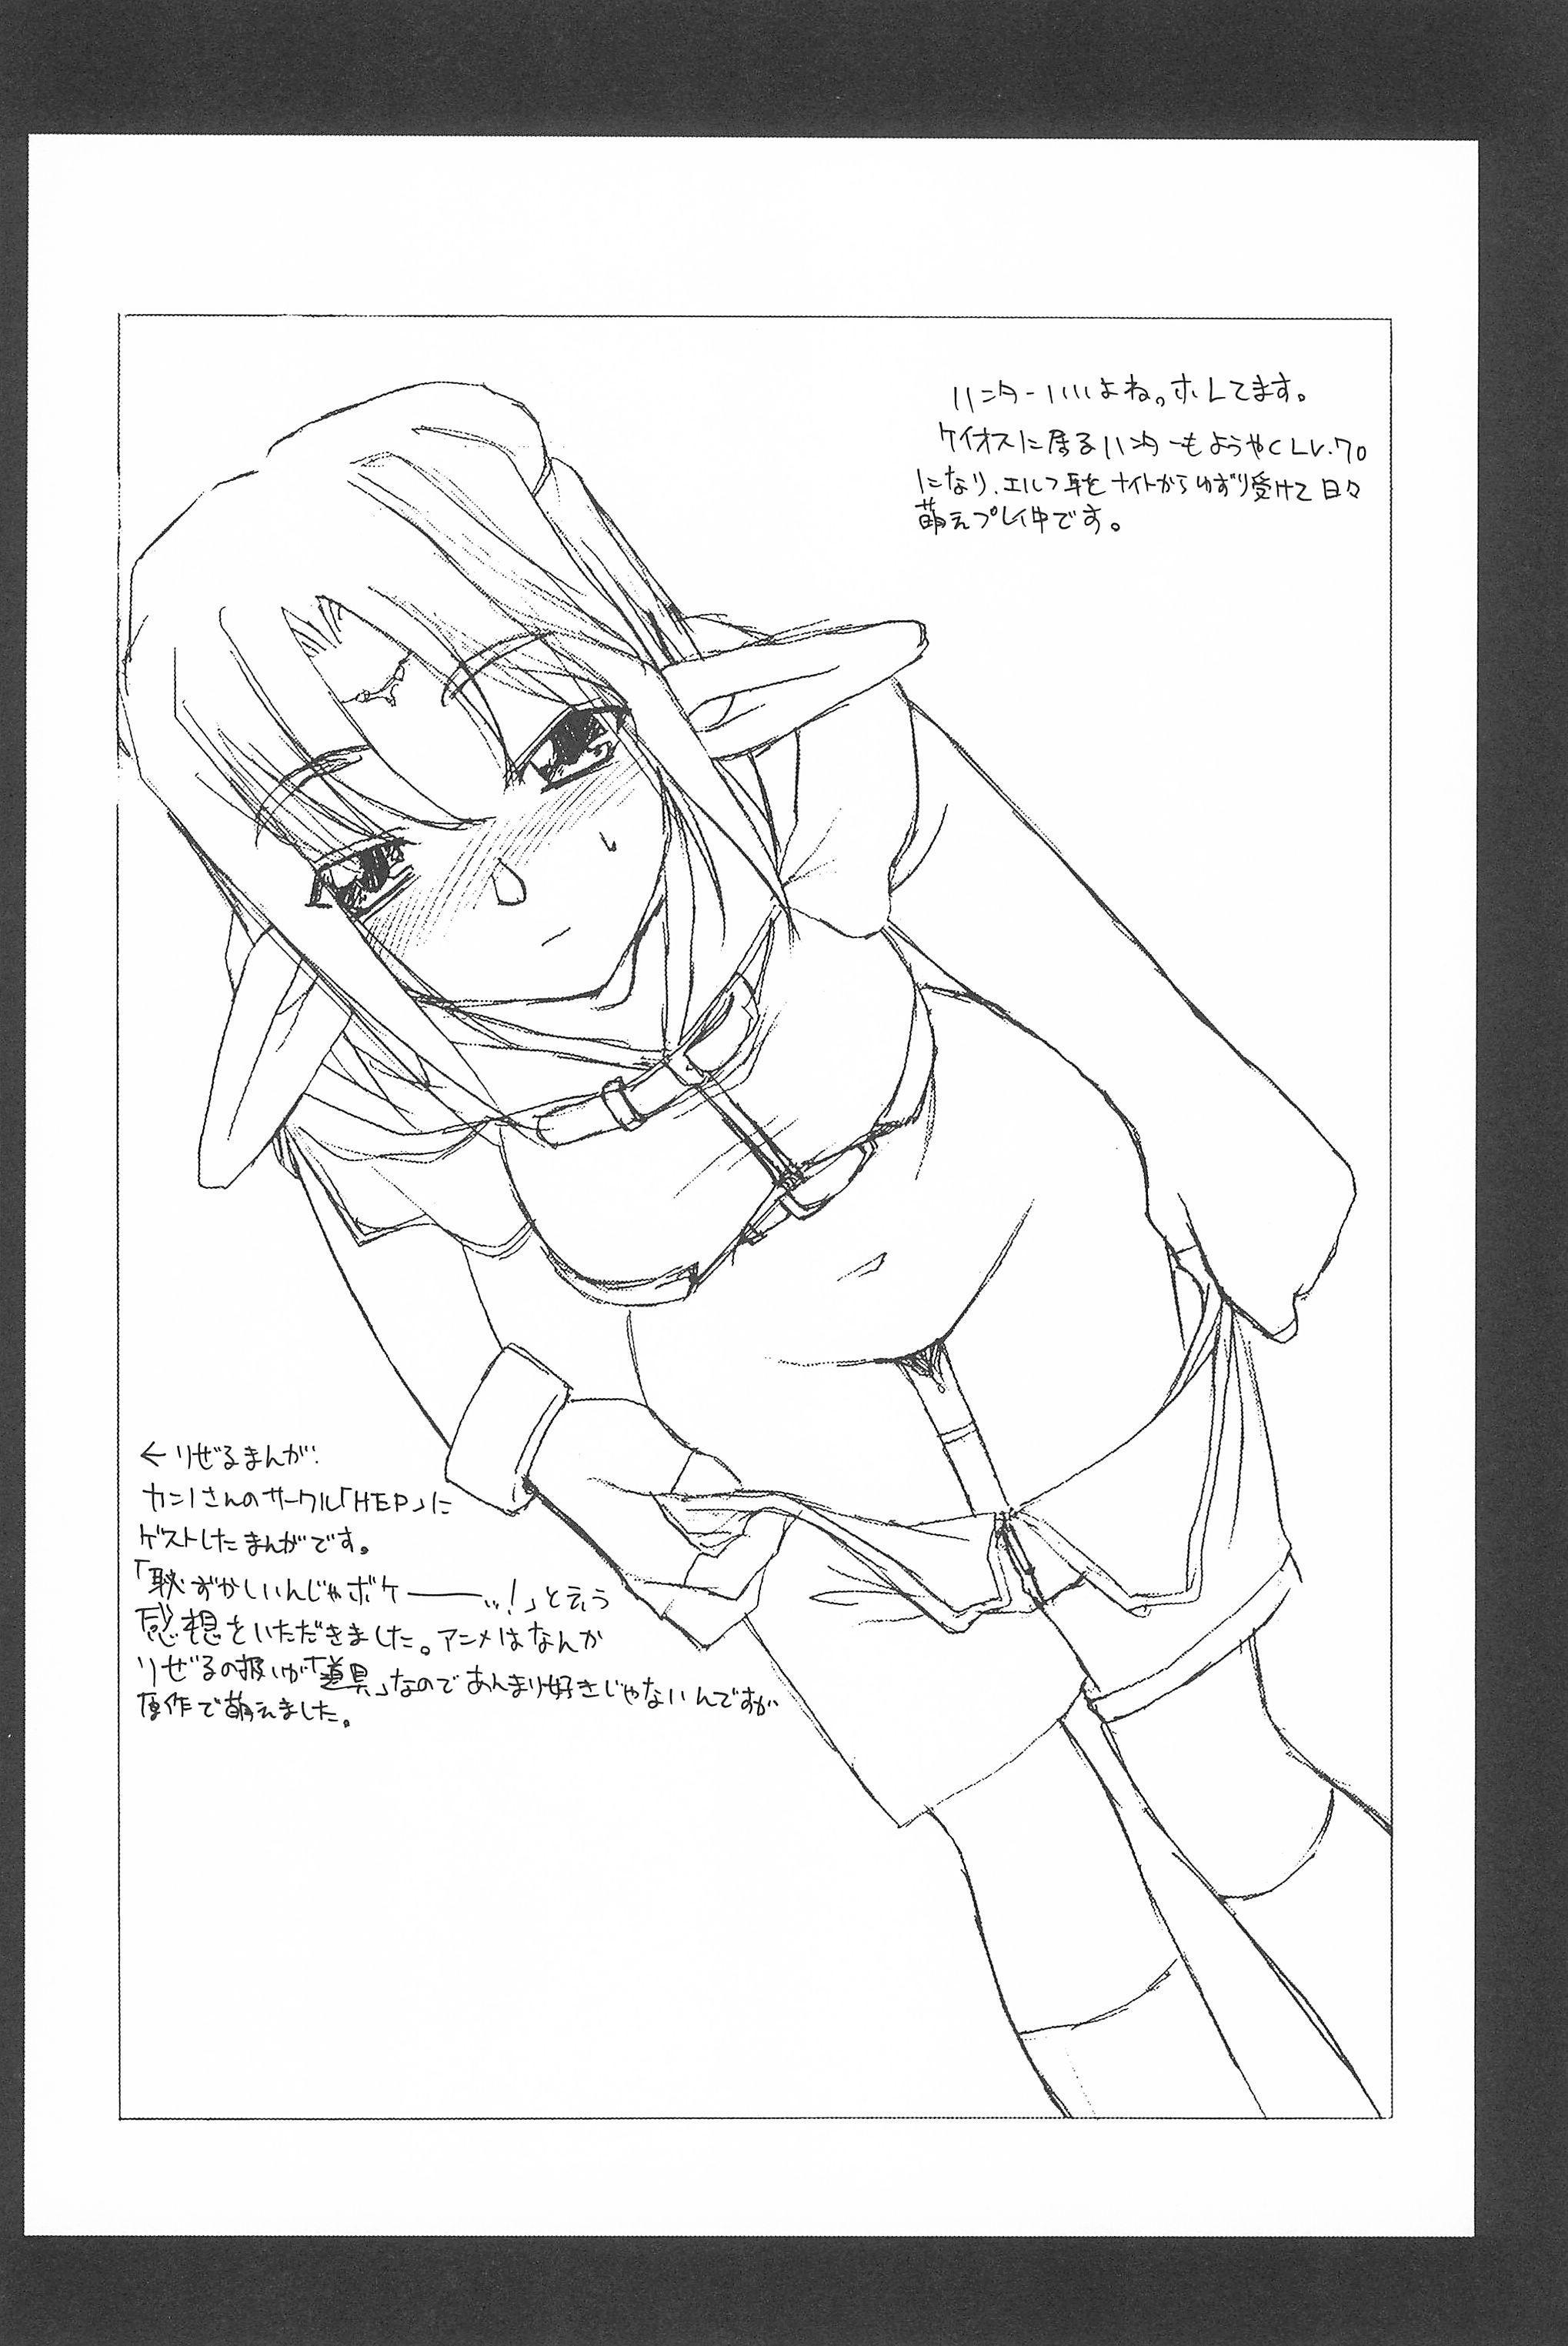 (SC22) [Shinobi no Yakata (Iwama Yoshiki) JEWEL-BOX 10 LOLITA-SARAD (Various) 37